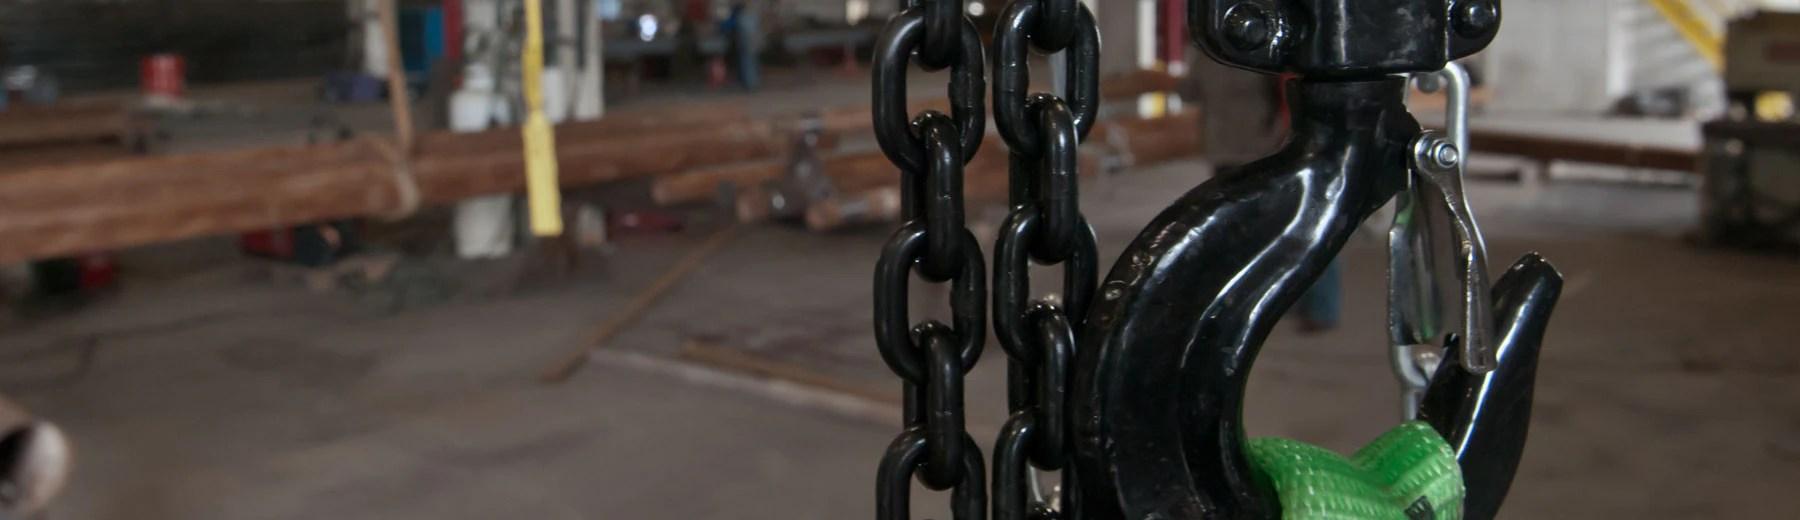 hight resolution of hoists